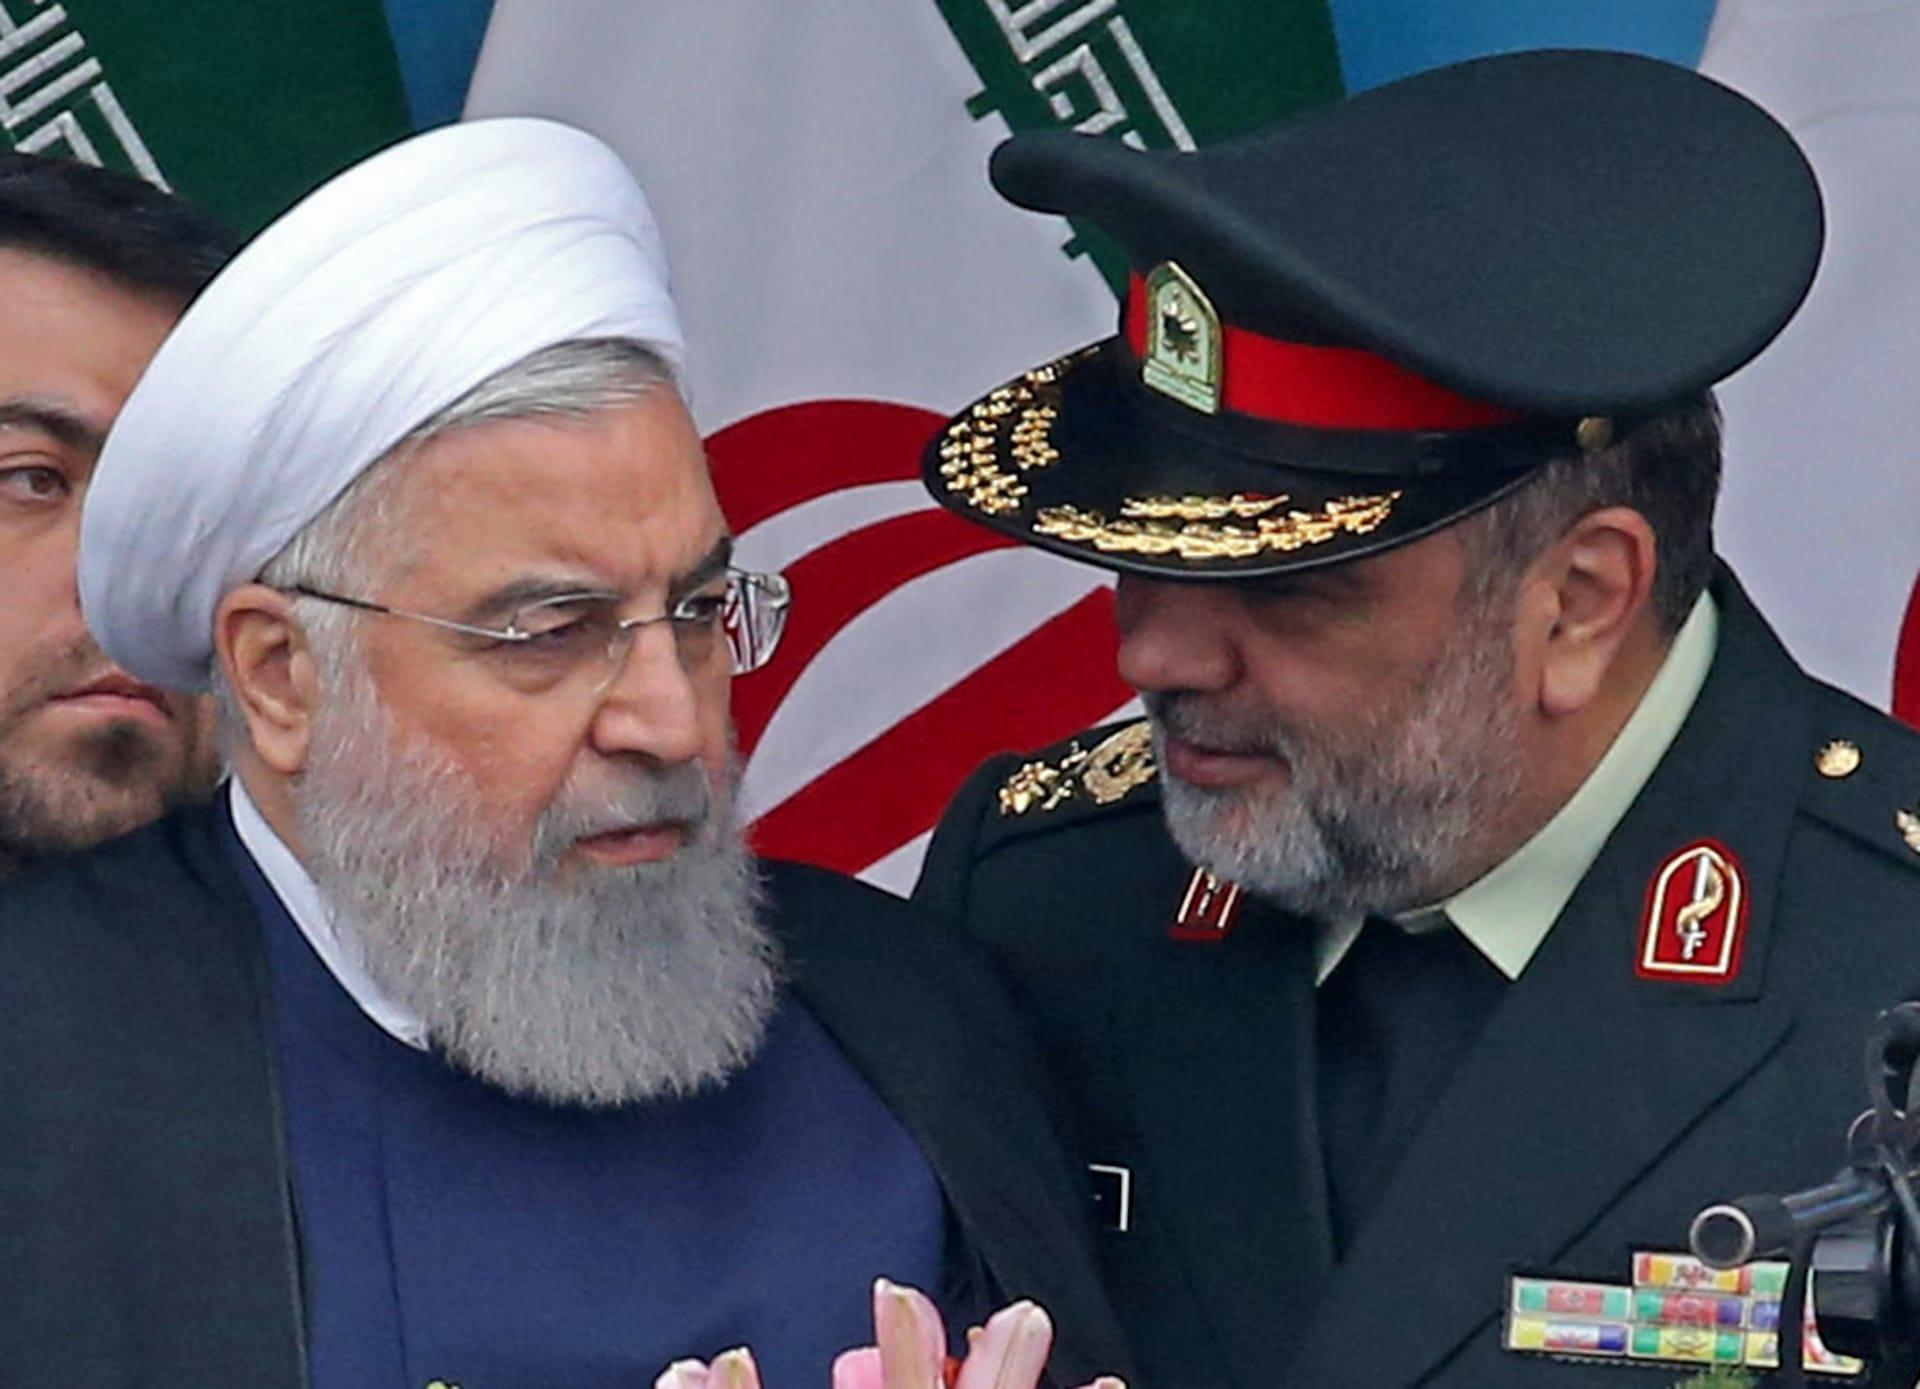 روحاني: قوة الأمة الإيرانية دفعت الأمريكيين للاعتذار والتراجع عن الحرب